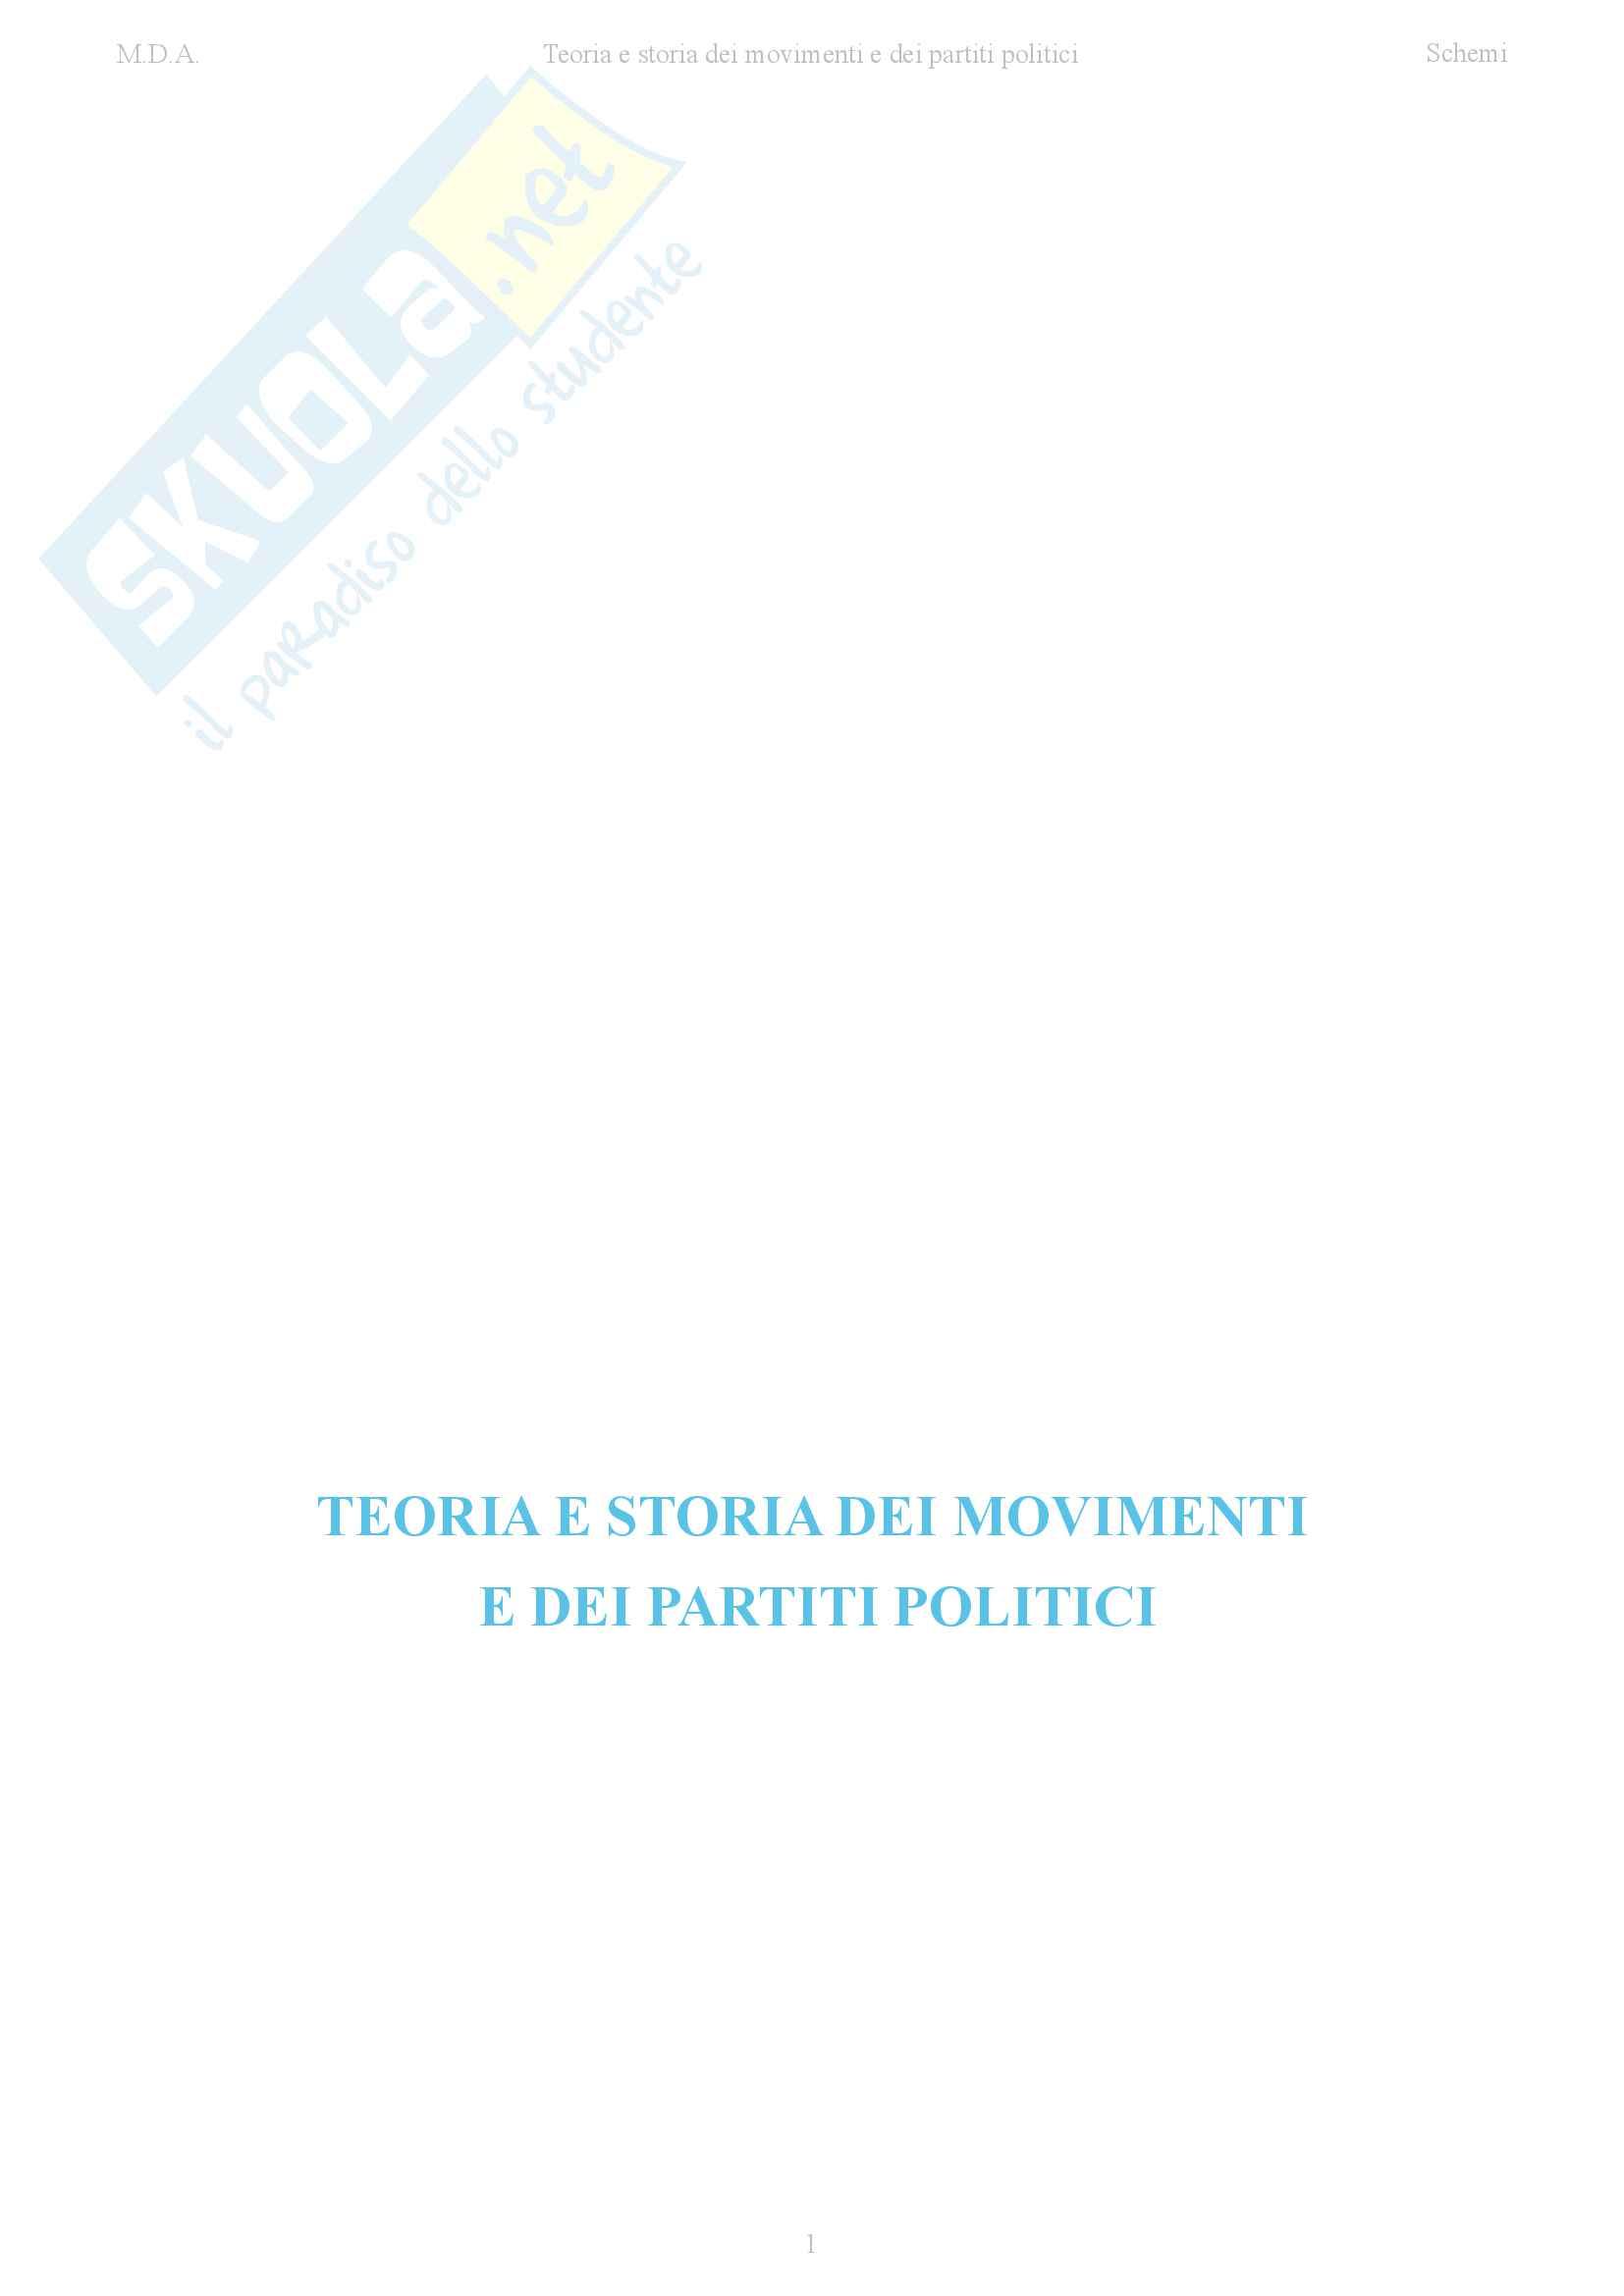 Appunti di Teoria e storia dei movimenti e dei partiti politici (2015) - prof. Cappperucci V.